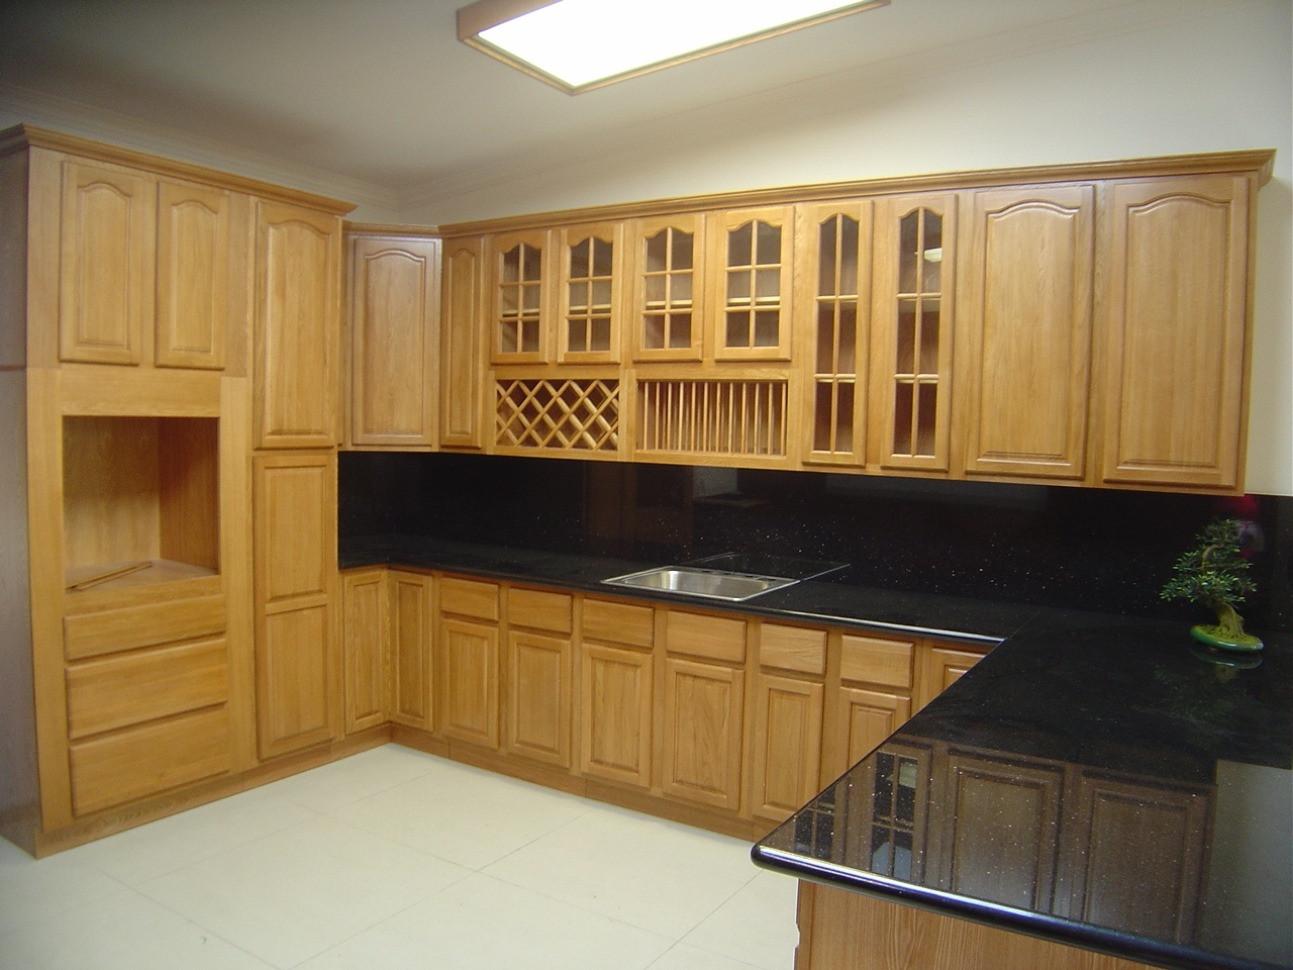 Modular Kitchen Price and Designs 9   SuppliersPlanet